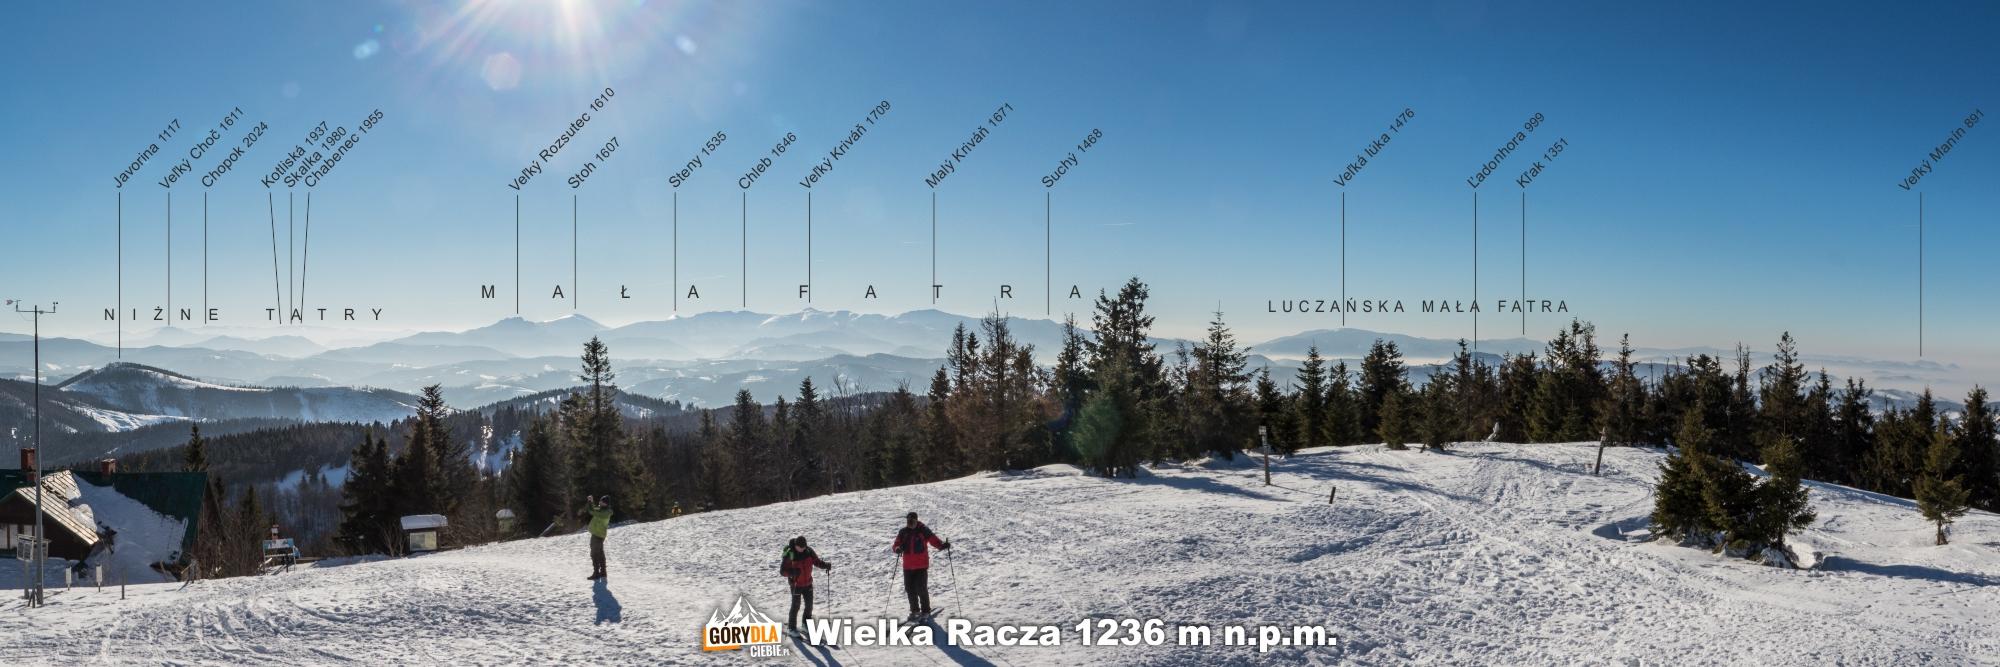 Panorama ze szczytu Wielkiej Raczy (1236 m) na południe